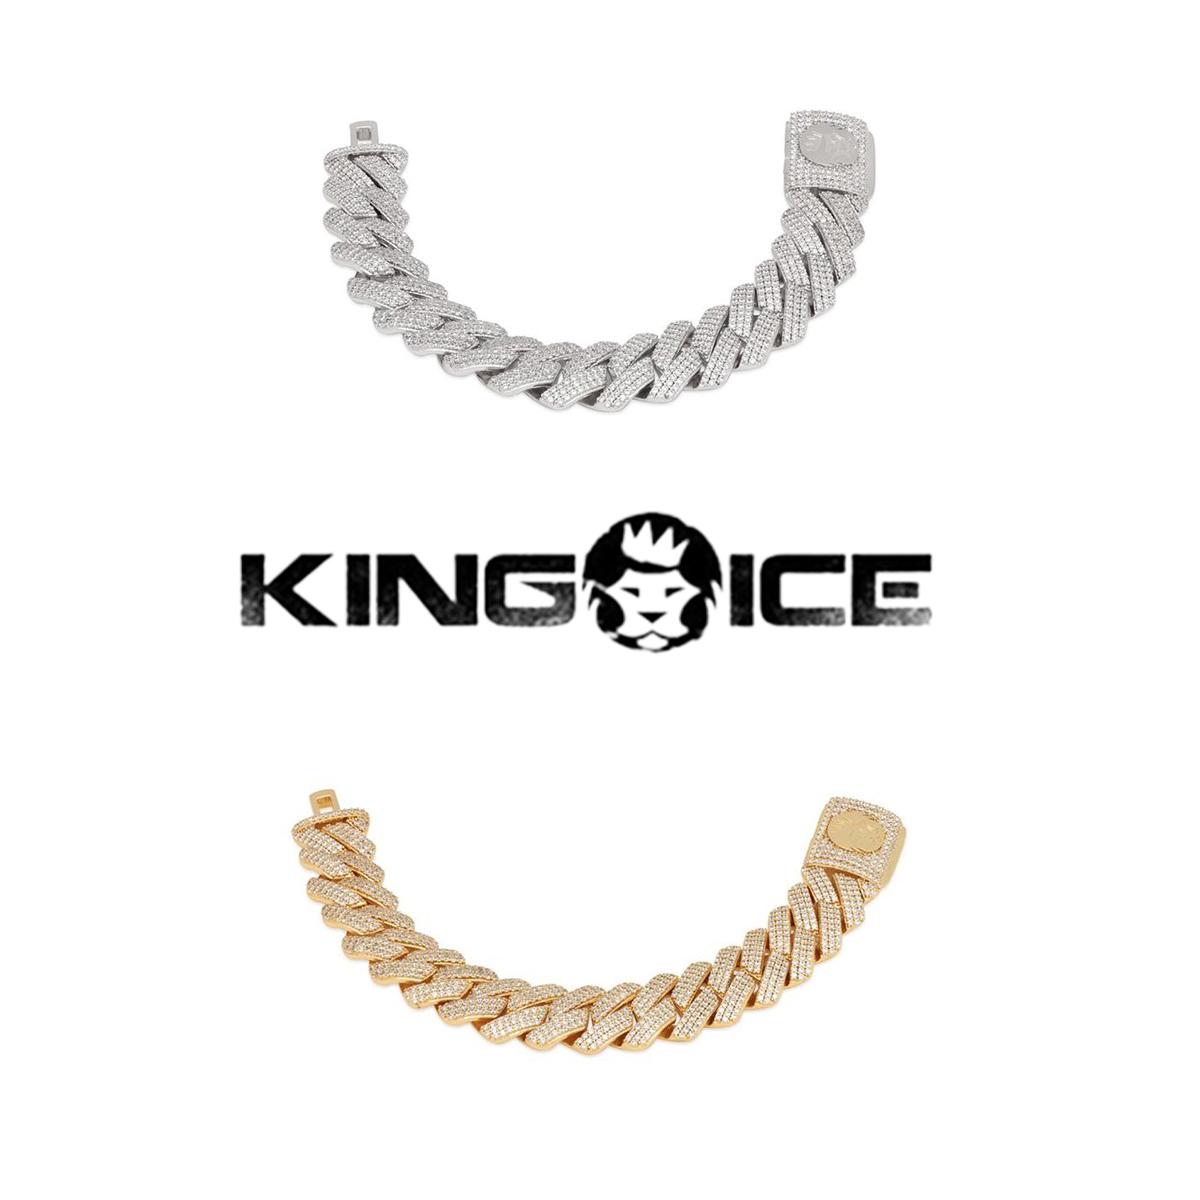 送料無料 KING ICE 登場大人気アイテム キングアイス ブレスレット 18MM ICED DIAMOND CUT MIAMI 人気 格安激安 CUBAN BRACELET 14kゴールド メンズ アクセサリー 金 ブランド 14Kゴールドメッキ ホワイトゴールドメッキ